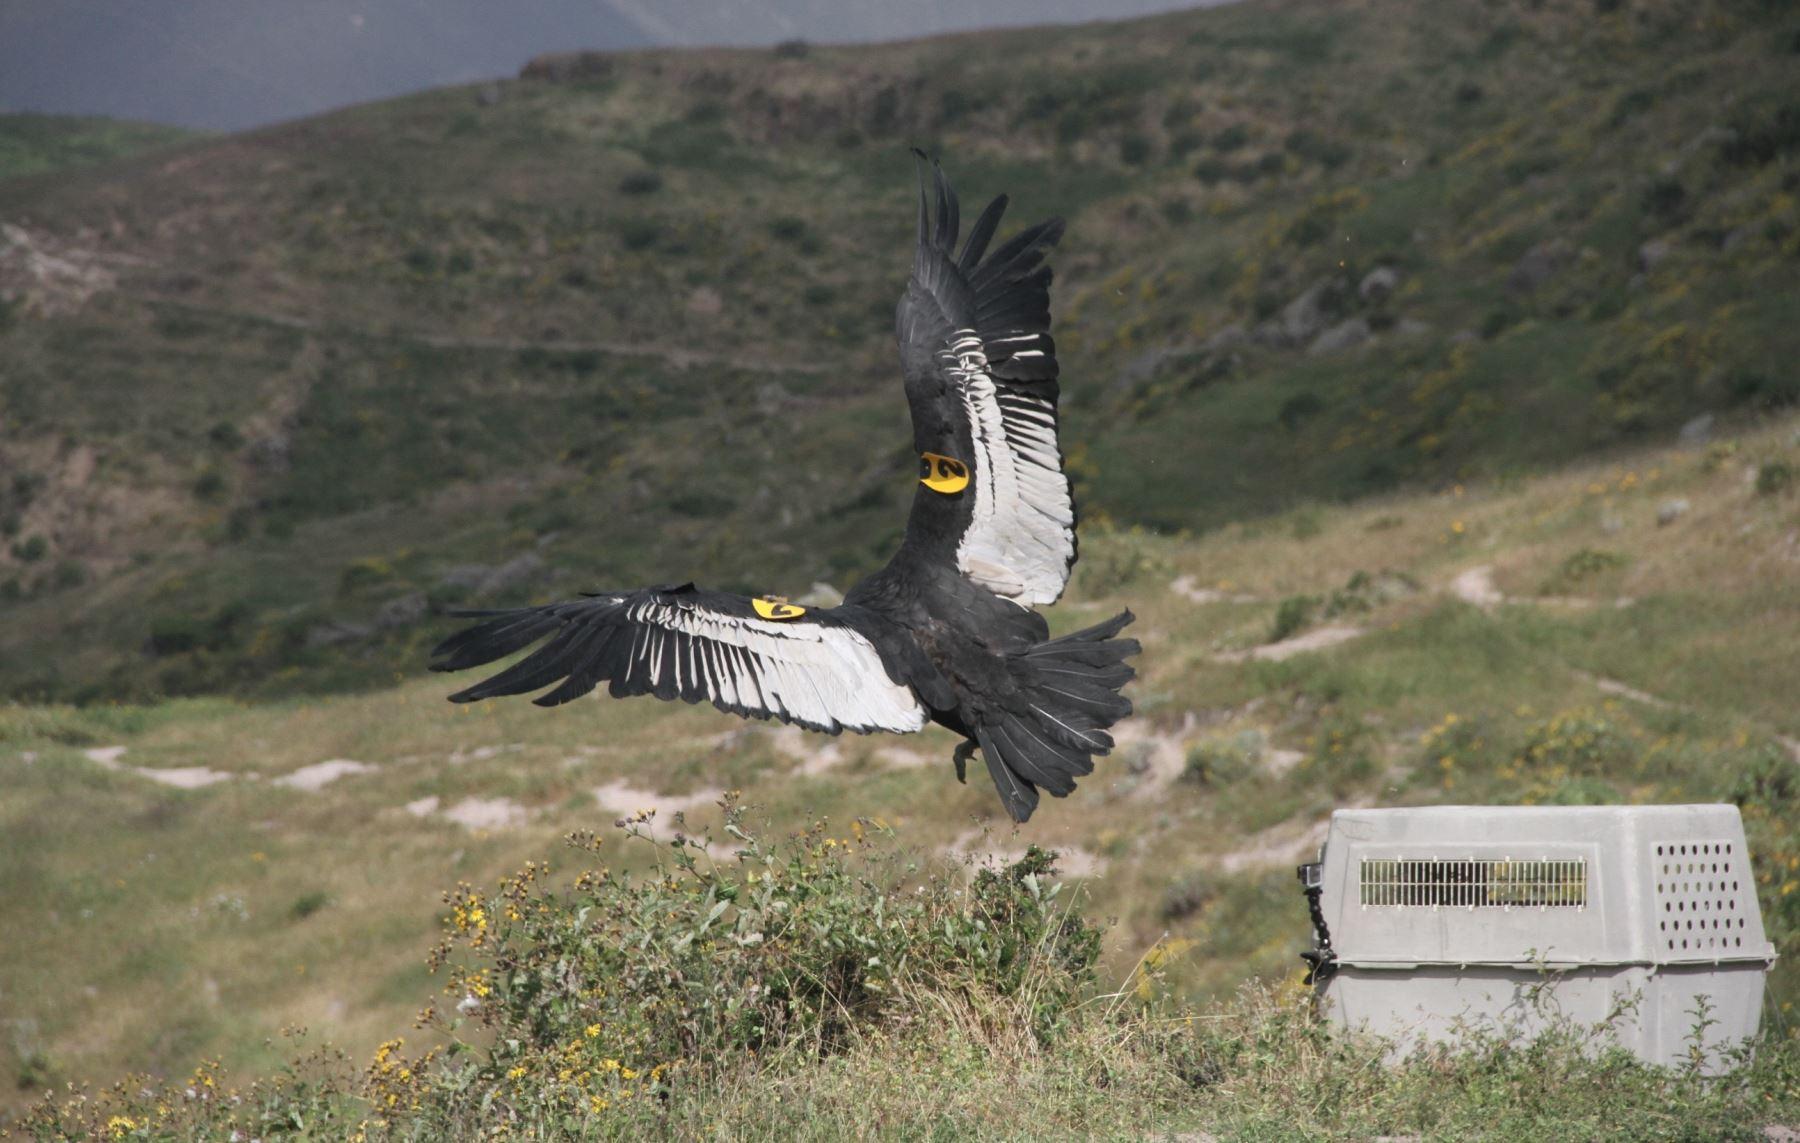 Dos cóndores fueron reinsertados exitosamente a su hábitat natural en la sierra de Lima tras recibir cuidados médicos de especialistas. ANDINA/Juan Celi